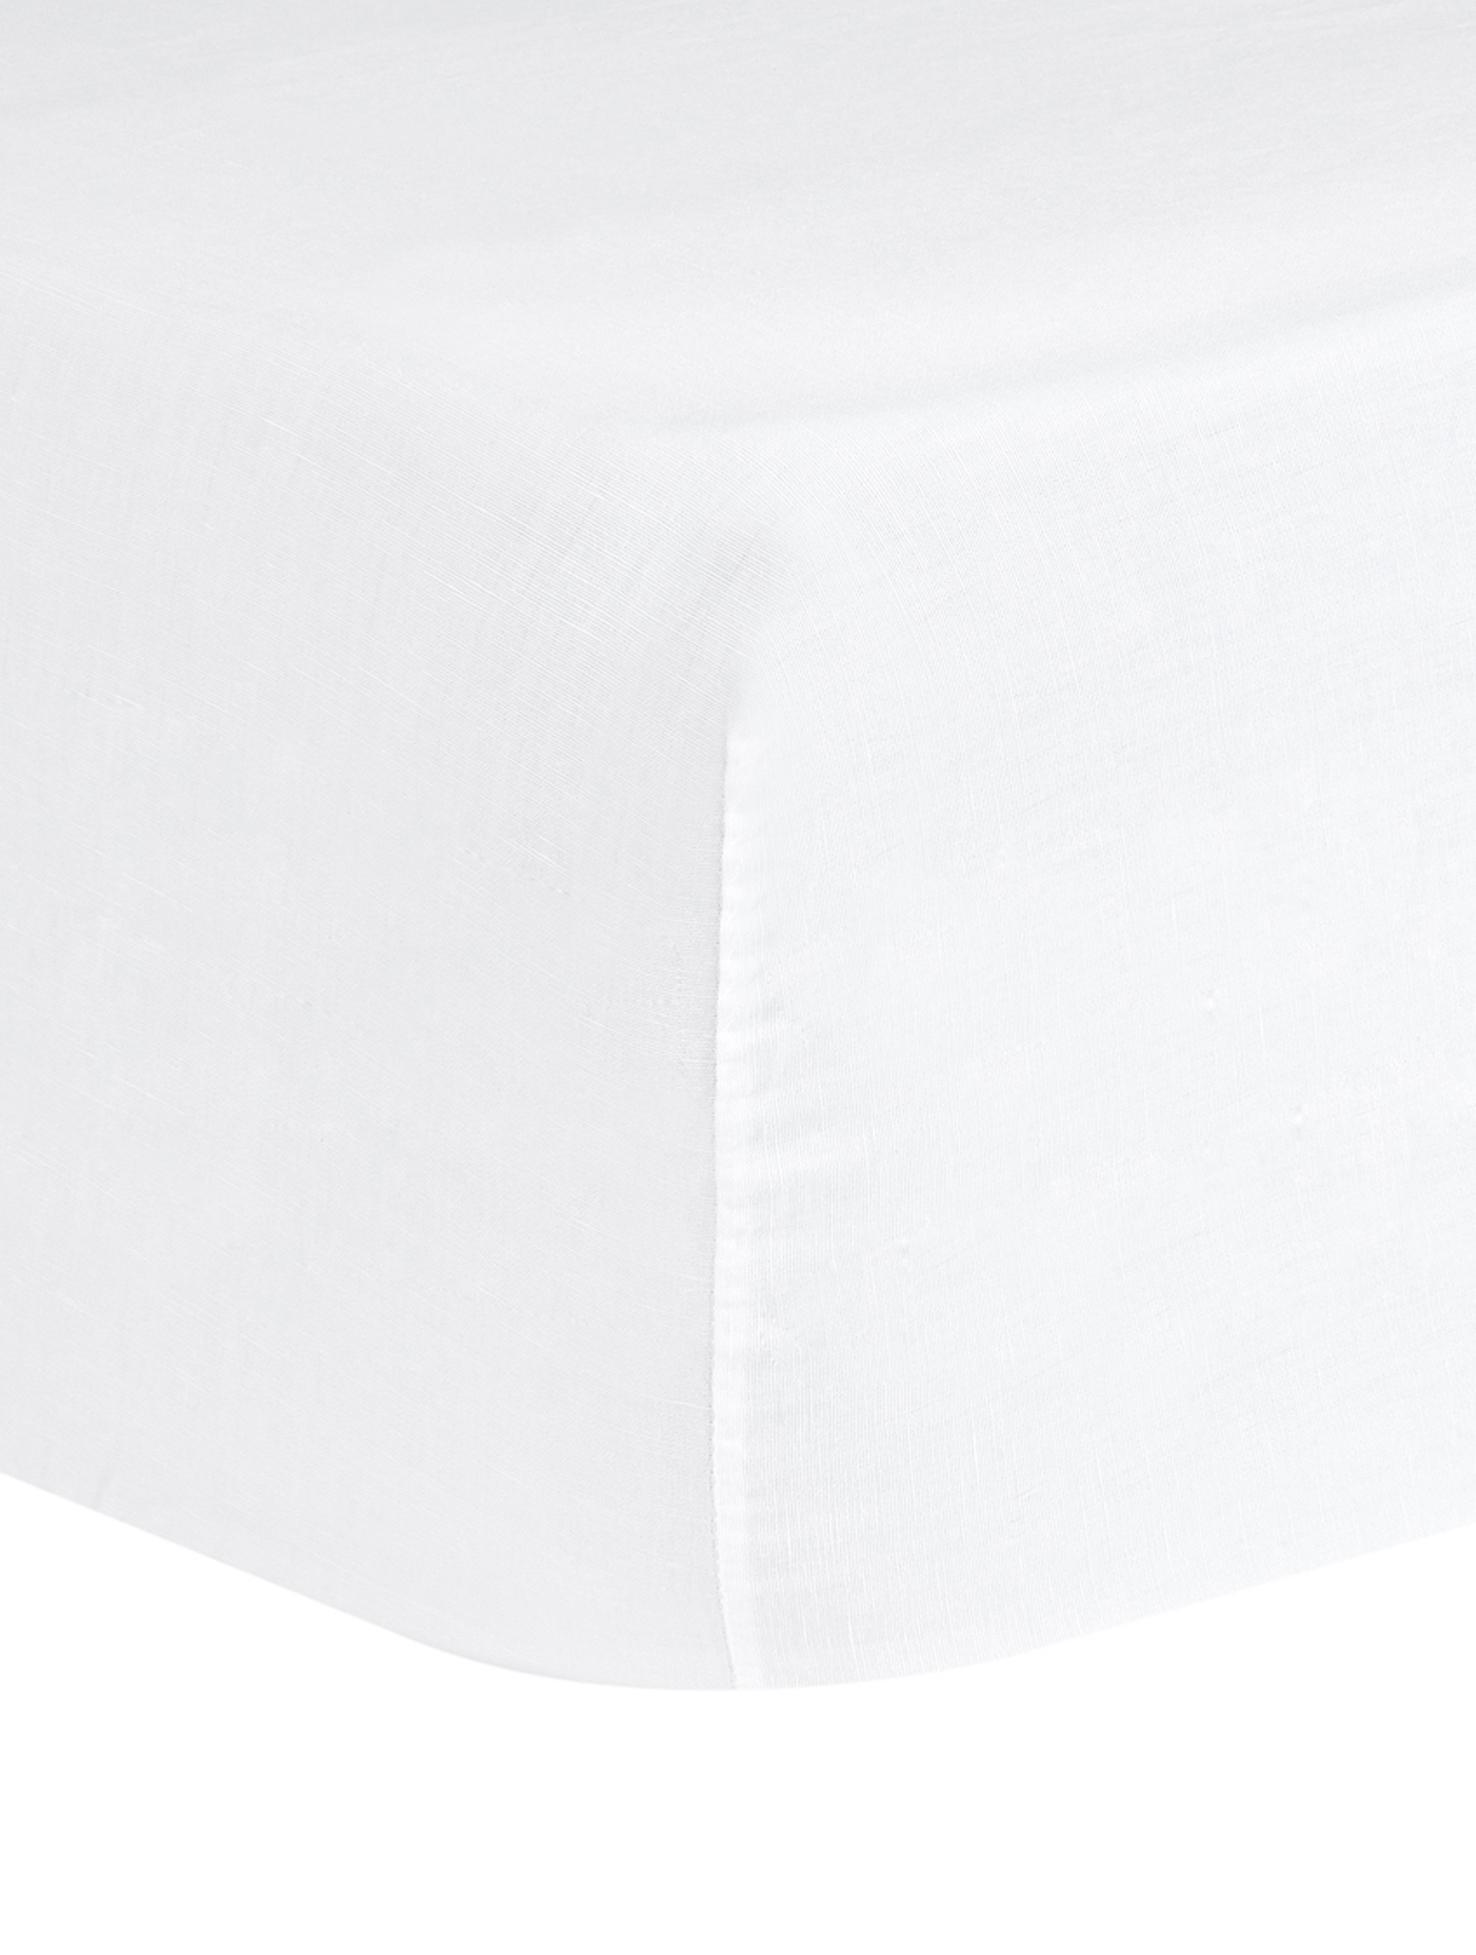 Spannbettlaken Nature, Leinen, 52% Leinen, 48% Baumwolle Mit Stonewash-Effekt für einen weichen Griff, Weiß, 160 x 200 cm